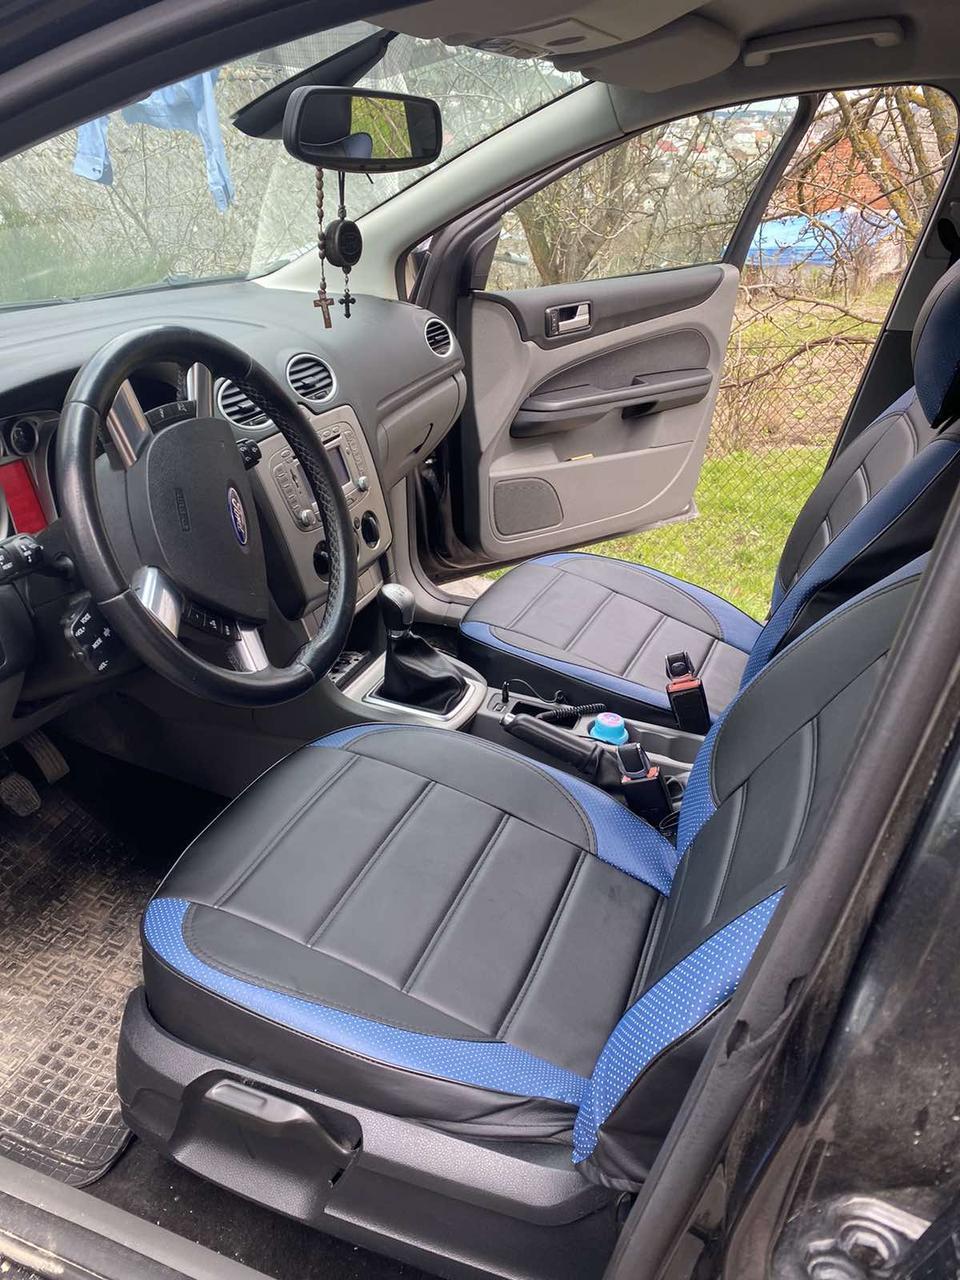 Чохли на сидіння КІА Соул 2 (KIA Soul 2) (модельні, MAX-L, окремий підголовник) Чорно-синій